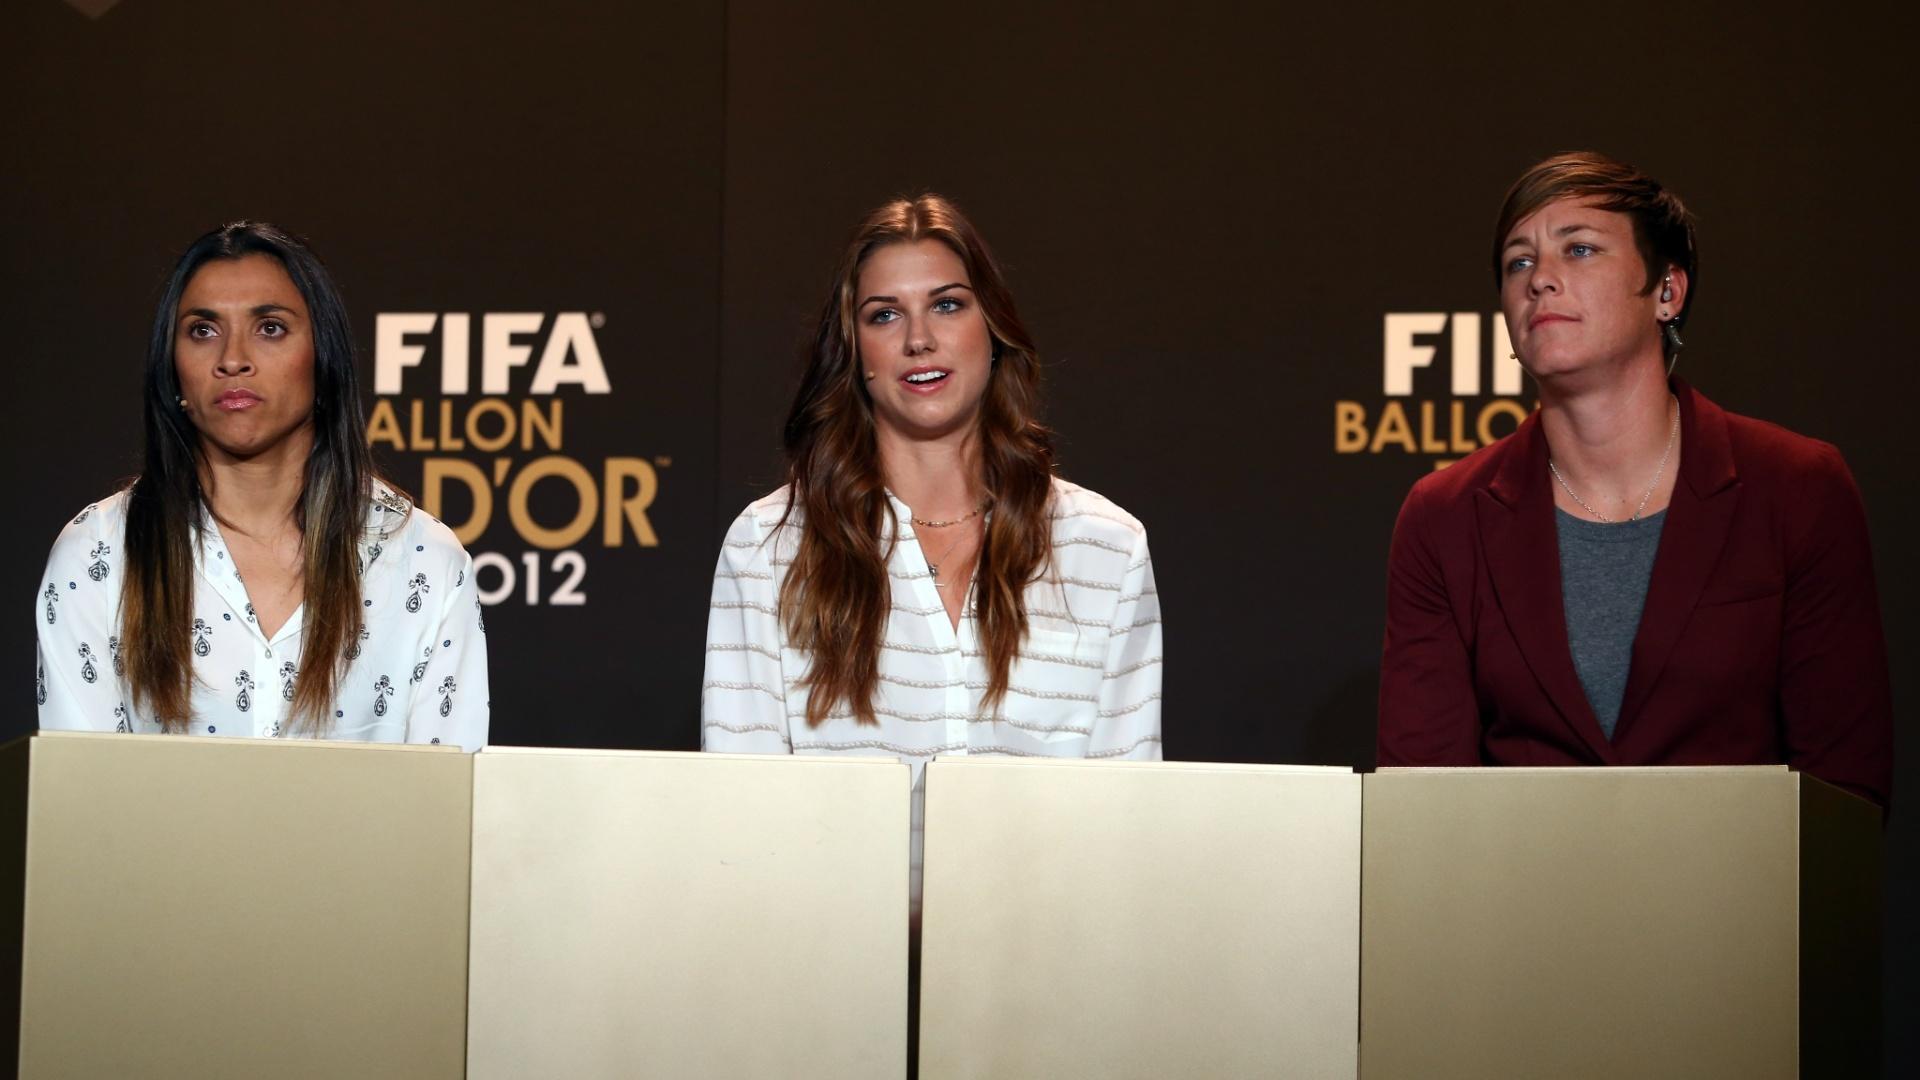 07.jan.2013- Candidatas a Bola de Ouro 2012, a brasileira Marta (e.) e as norte-americanas Alex Morgan (c.) e Abby Wambach (d.) participam de entrevista coletiva antes do evento de premiação